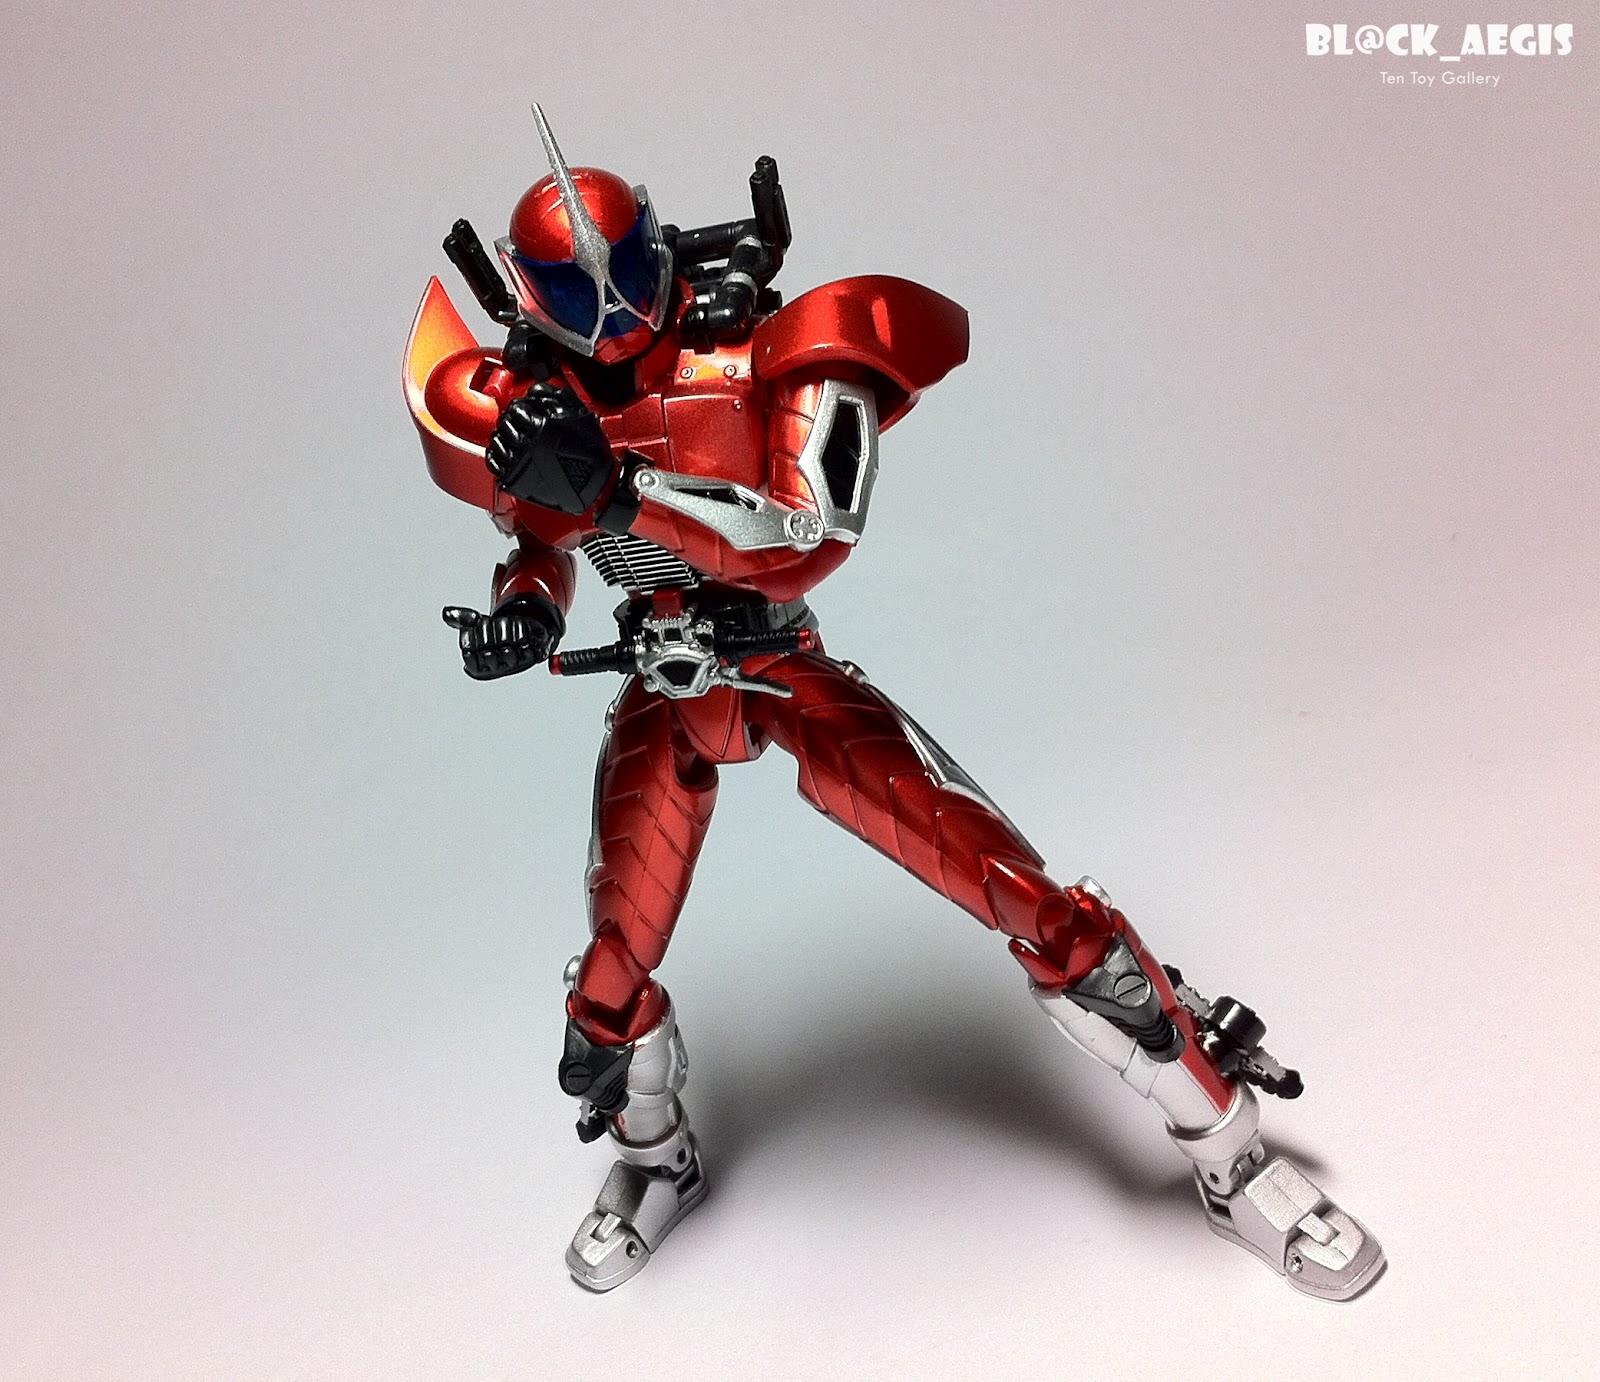 Kamen Rider Accel by Yuuyatails on DeviantArt  Kamen Rider Accel